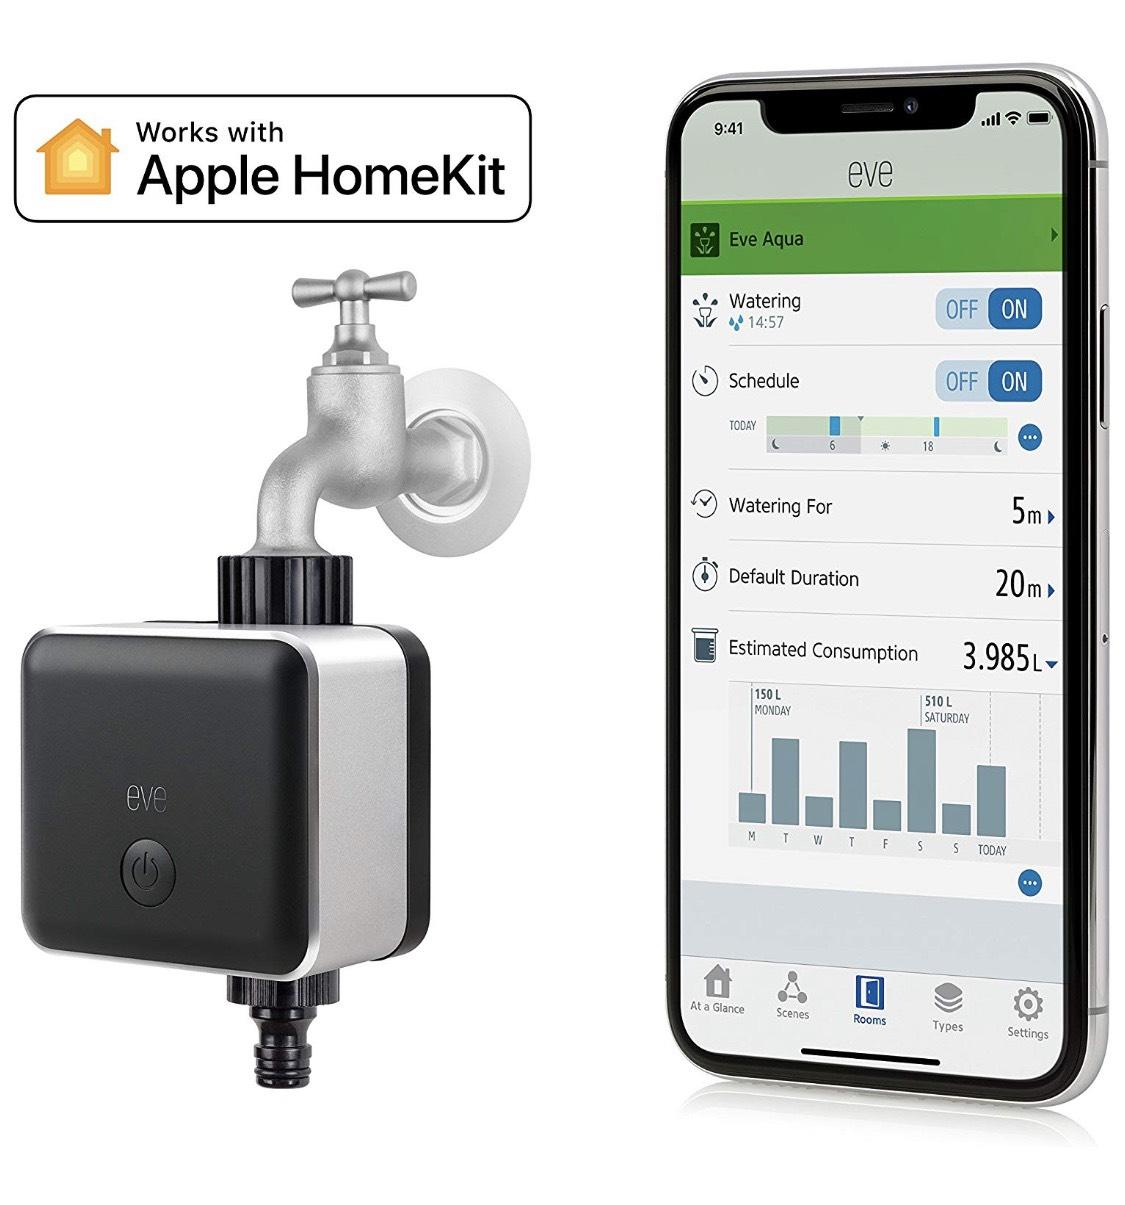 Eve Aqua - Smarte Bewässerungssteuerung, Bewässerungstimer Apple HomeKit inkl. Versand (Prime)